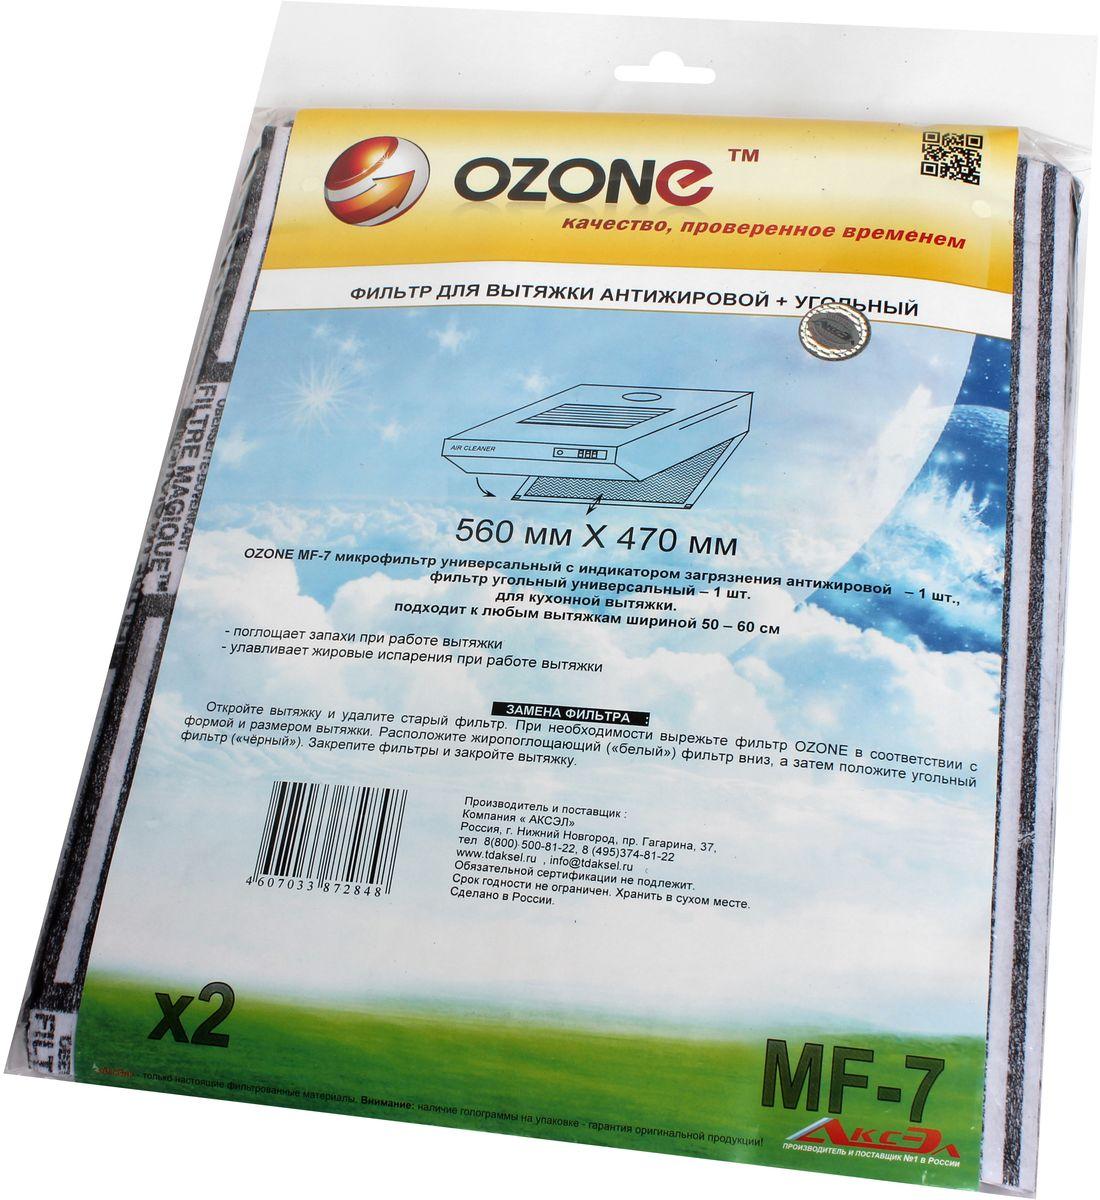 Ozone MF-7 набор универсальных микрофильтров для вытяжкиMF-7Ozone MF-7 набор фильтров для вытяжки: угольный + антижировой 320х200 мм. Фильтр антижировой с индикатором загрязнения –1 шт., фильтр угольный универсальный – 1 шт. для кухонной вытяжки. Подходит к любым вытяжкам шириной 50–60 см. Поглощает запахи при работе вытяжки и улавливает жировые испарения при работе вытяжки. Специальный индикатор информирует о необходимости замены фильтра.